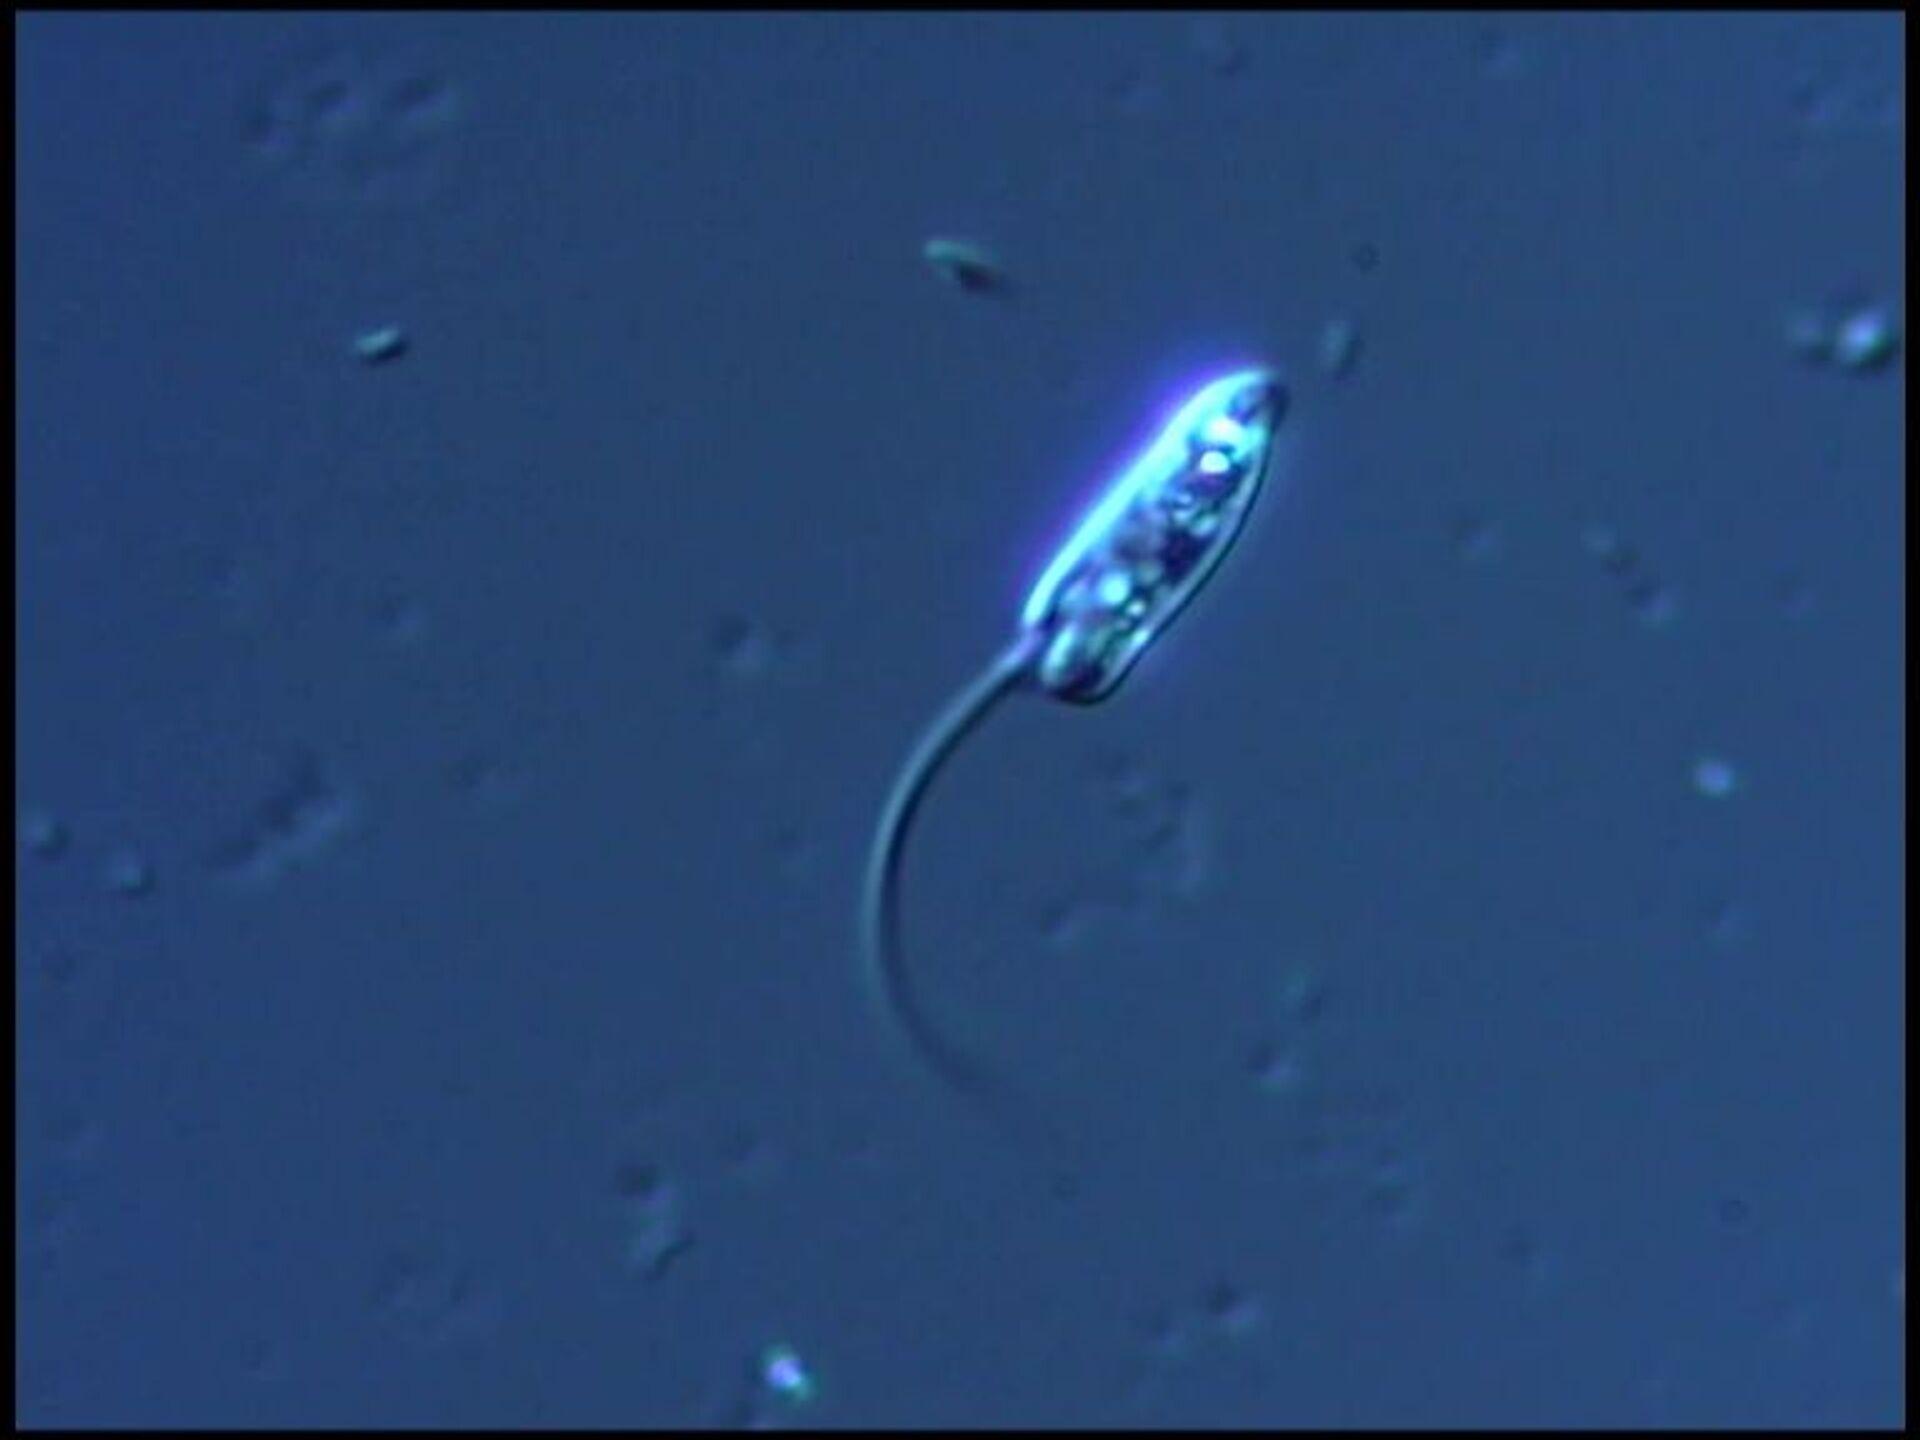 Tümen Devlet Üniversitesi'nden Rus uzmanlar, Büyükçekmece Gölü'nde yeni bir mikrop türü keşfetti - Sputnik Türkiye, 1920, 10.08.2021